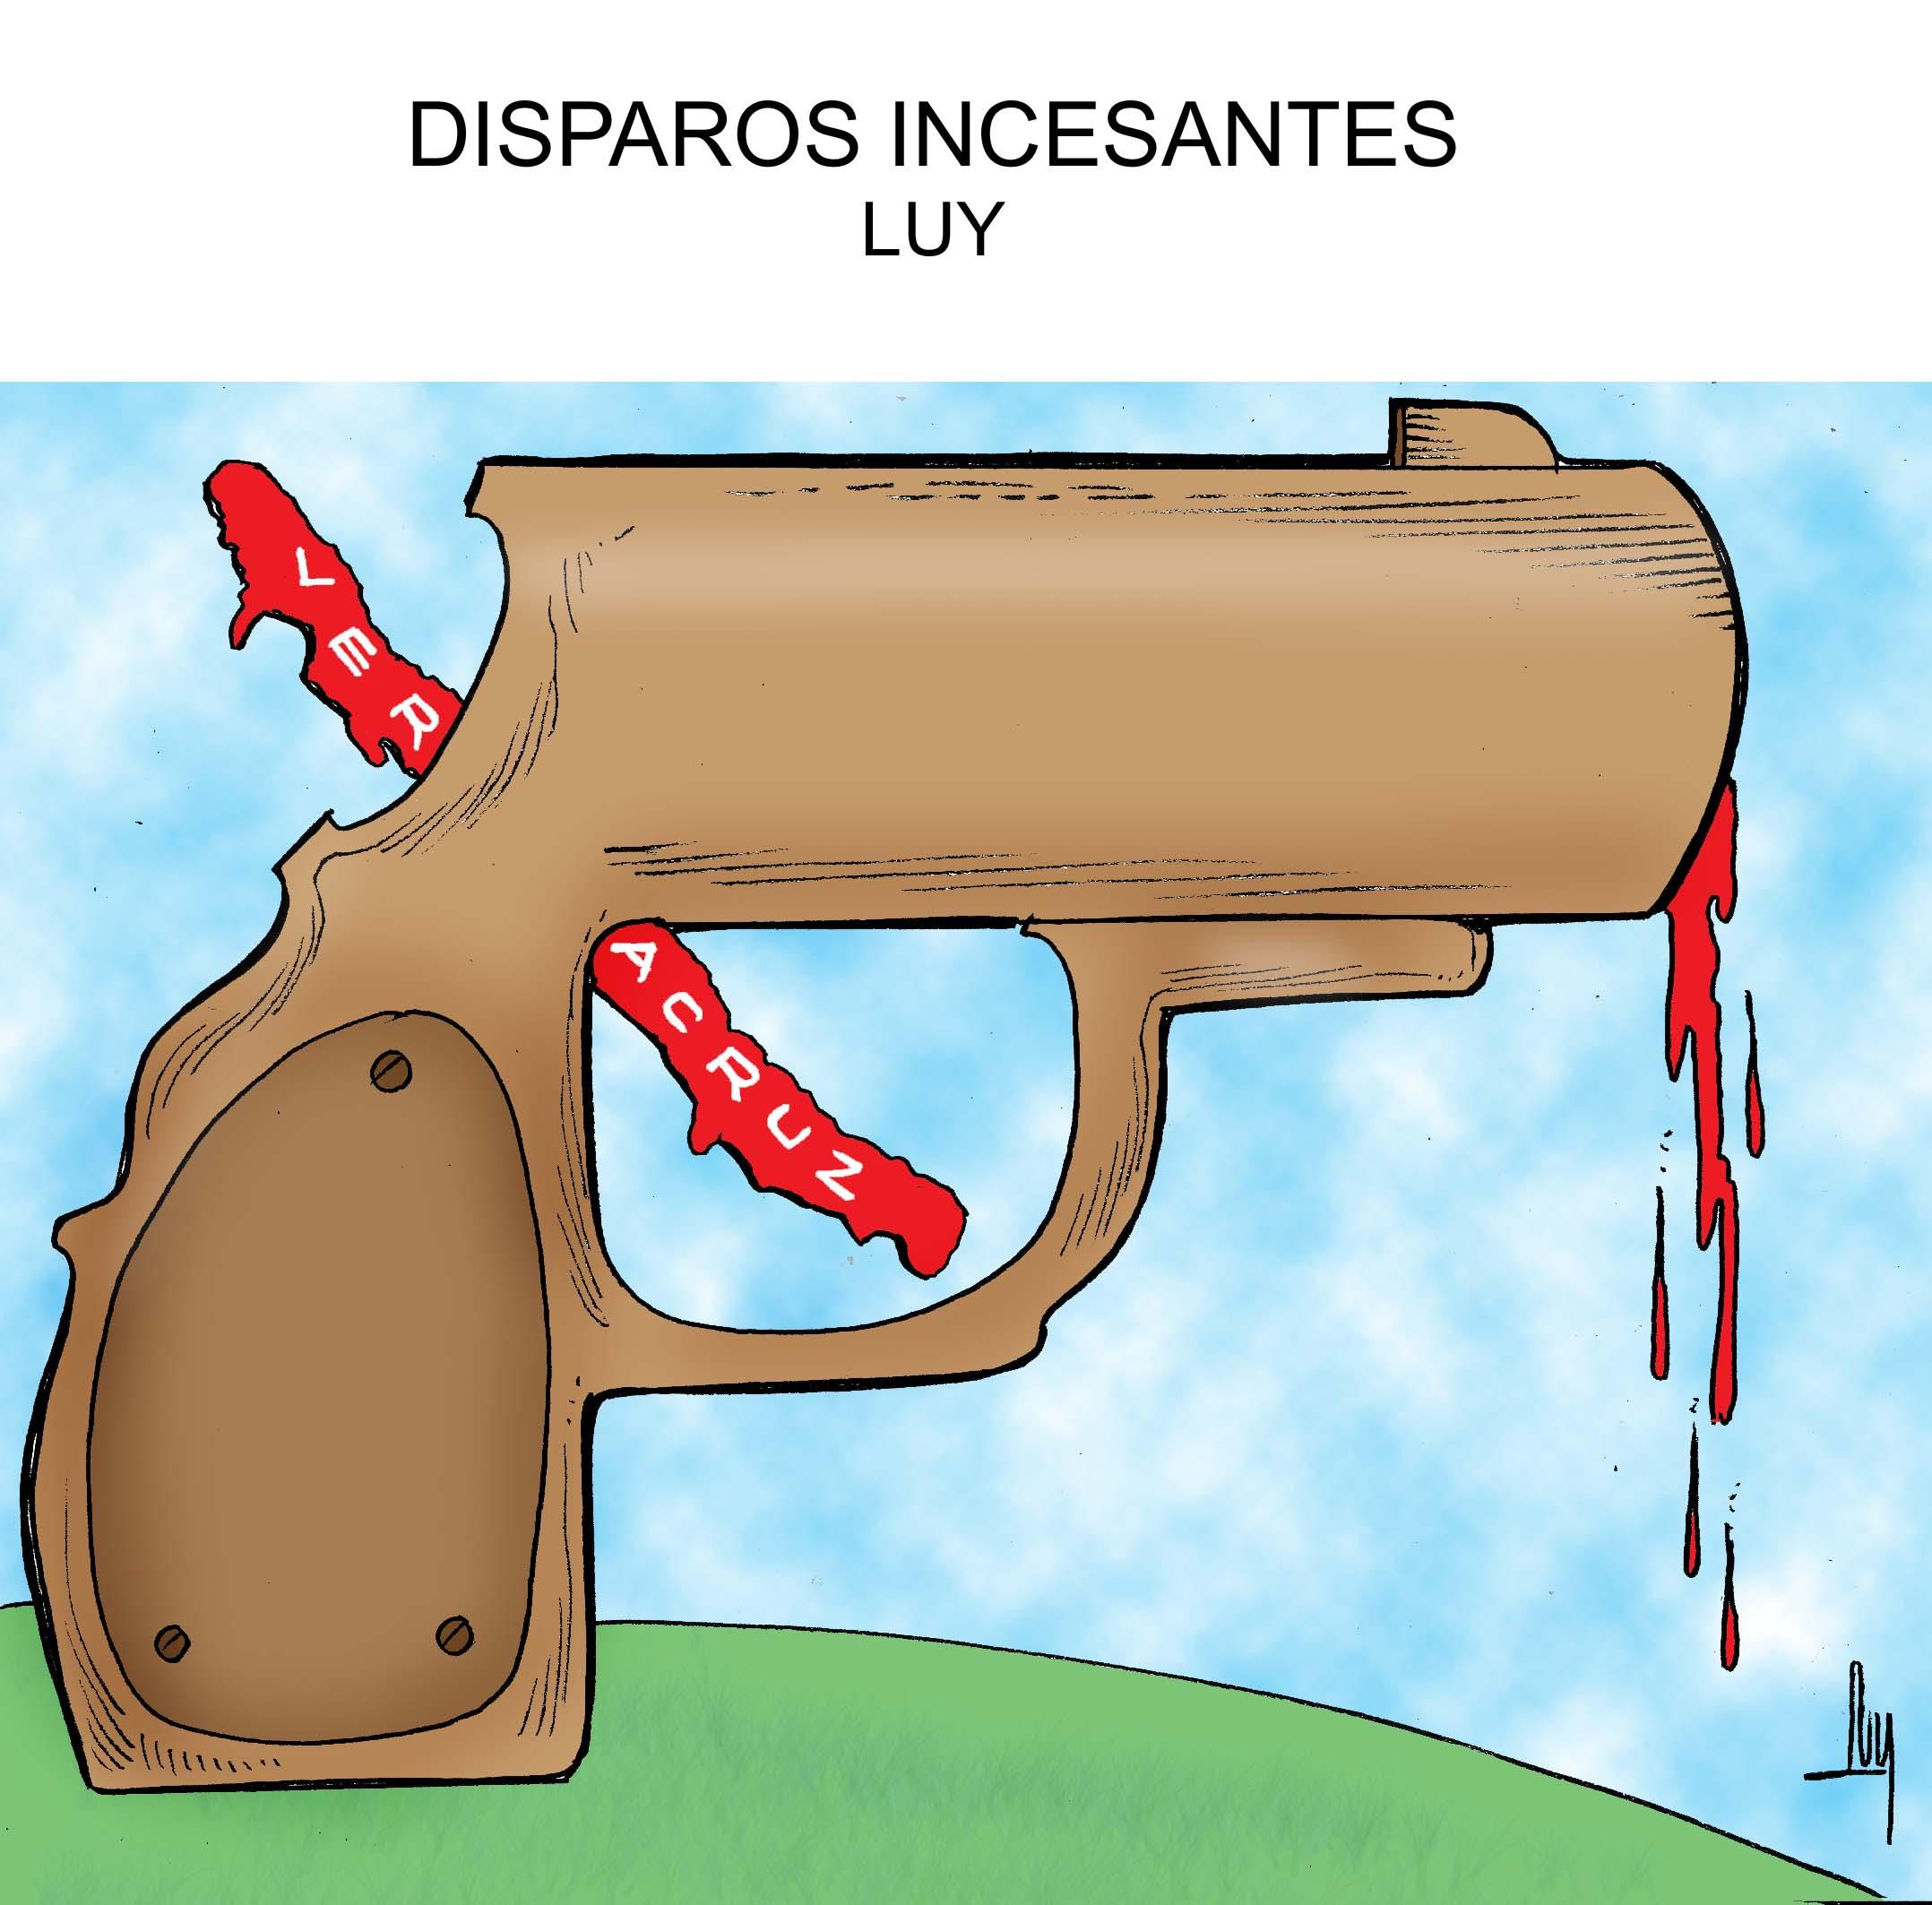 disparos-incesantes